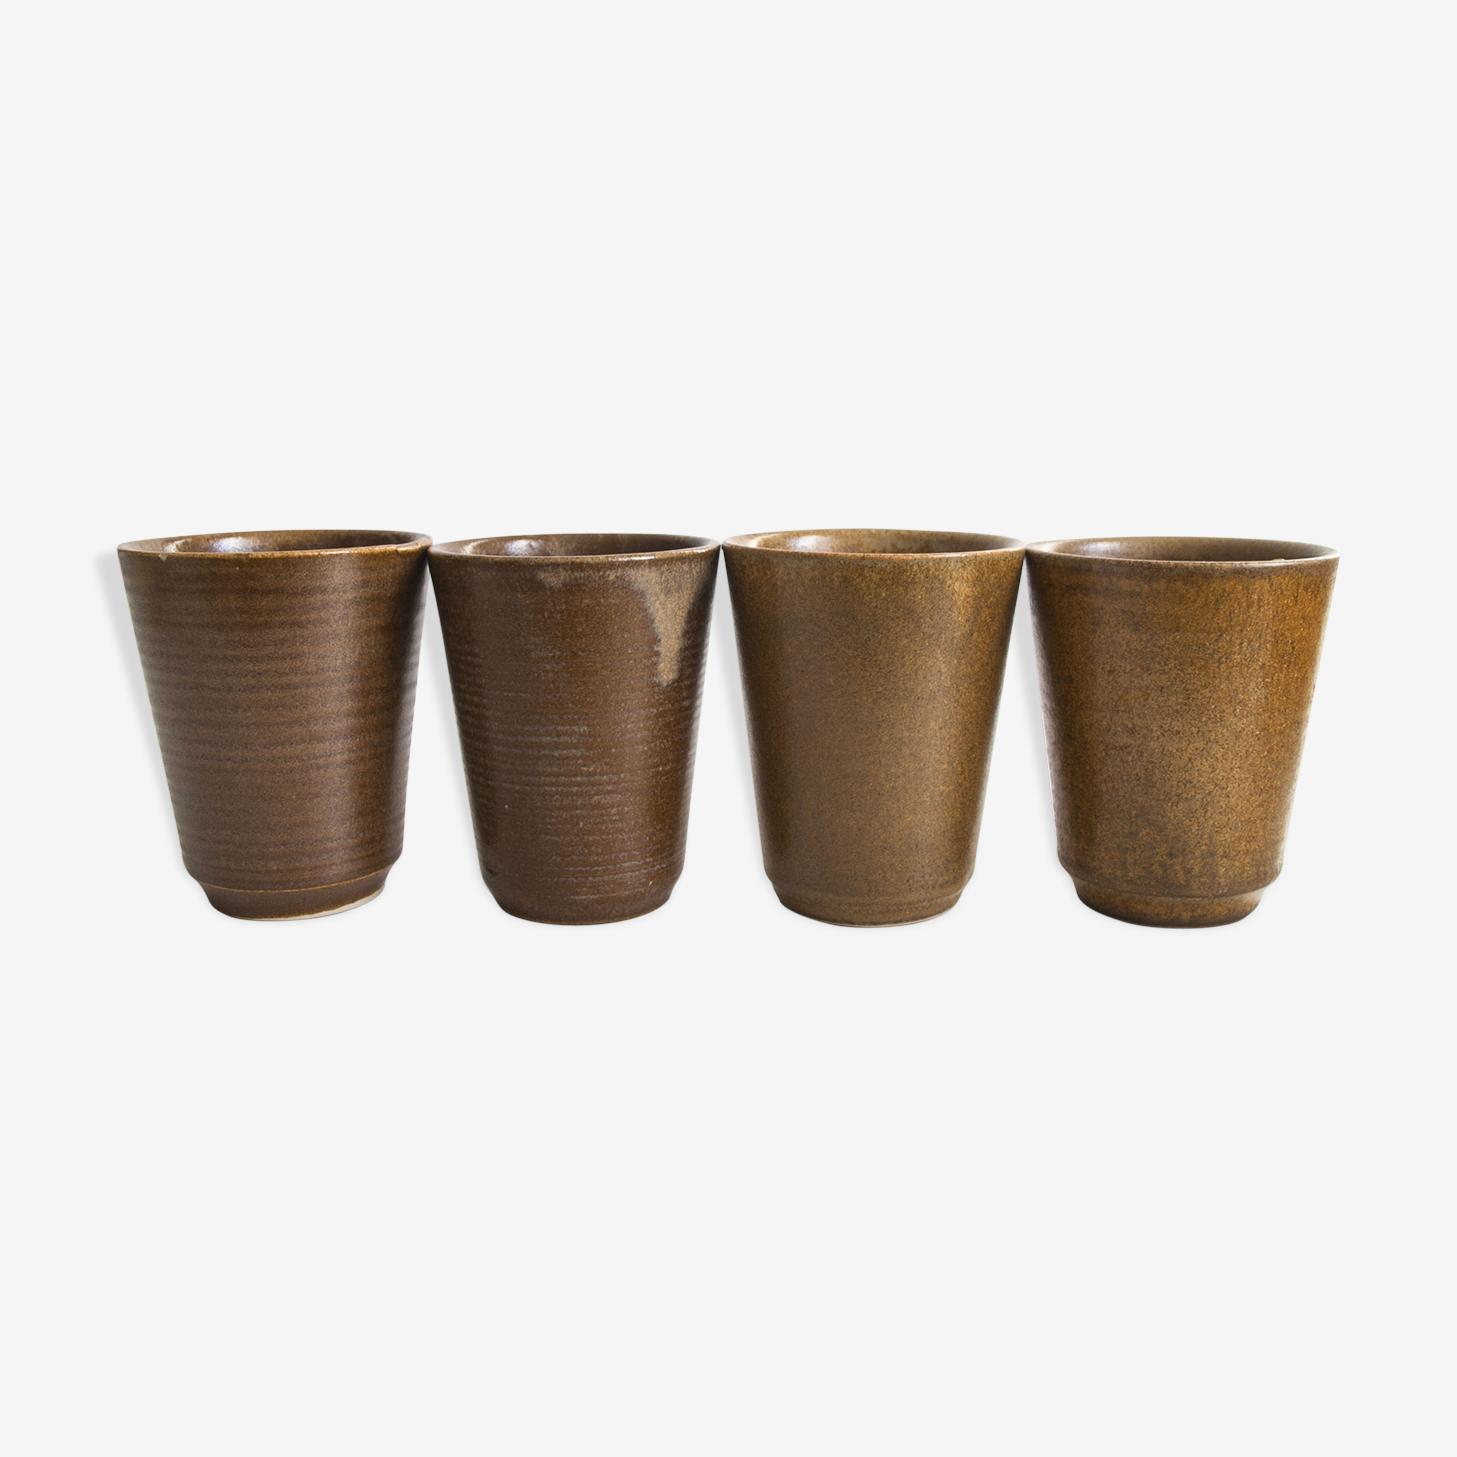 Tasses en grès Manufacture de Digoin